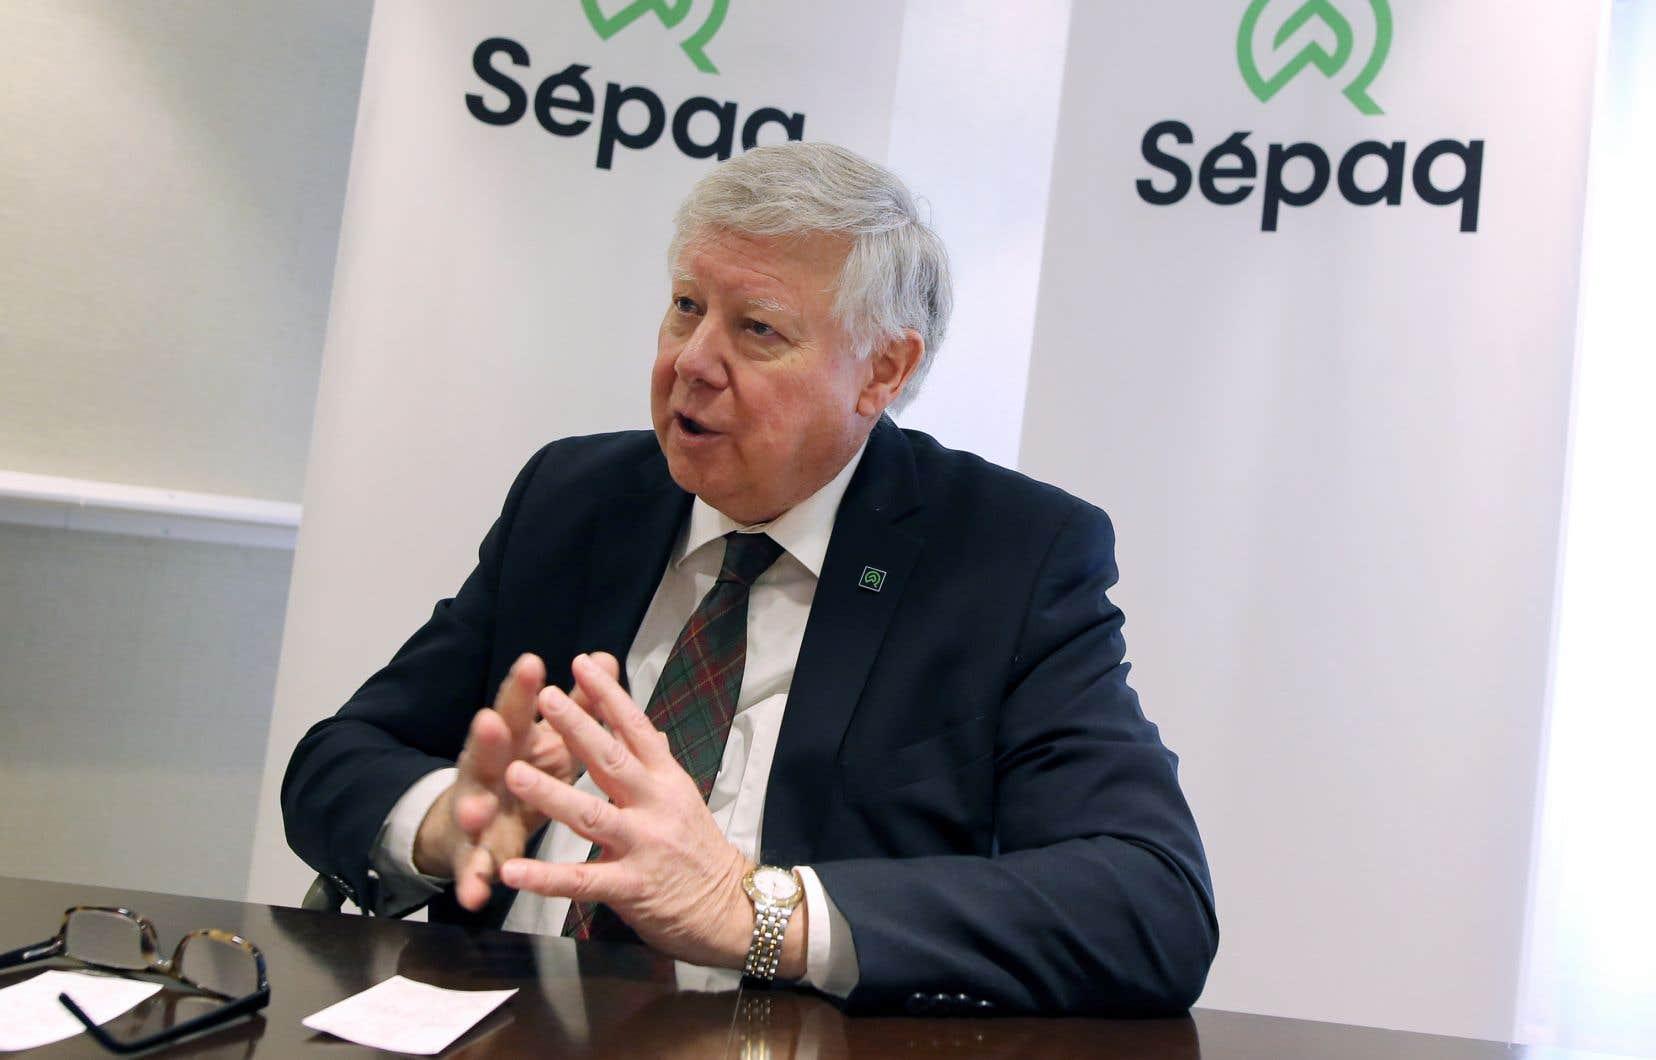 Le p.-d.g. de la SEPAQ, John MacKay, dit vouloir miser sur une approche plus «commerciale» que «comptable».